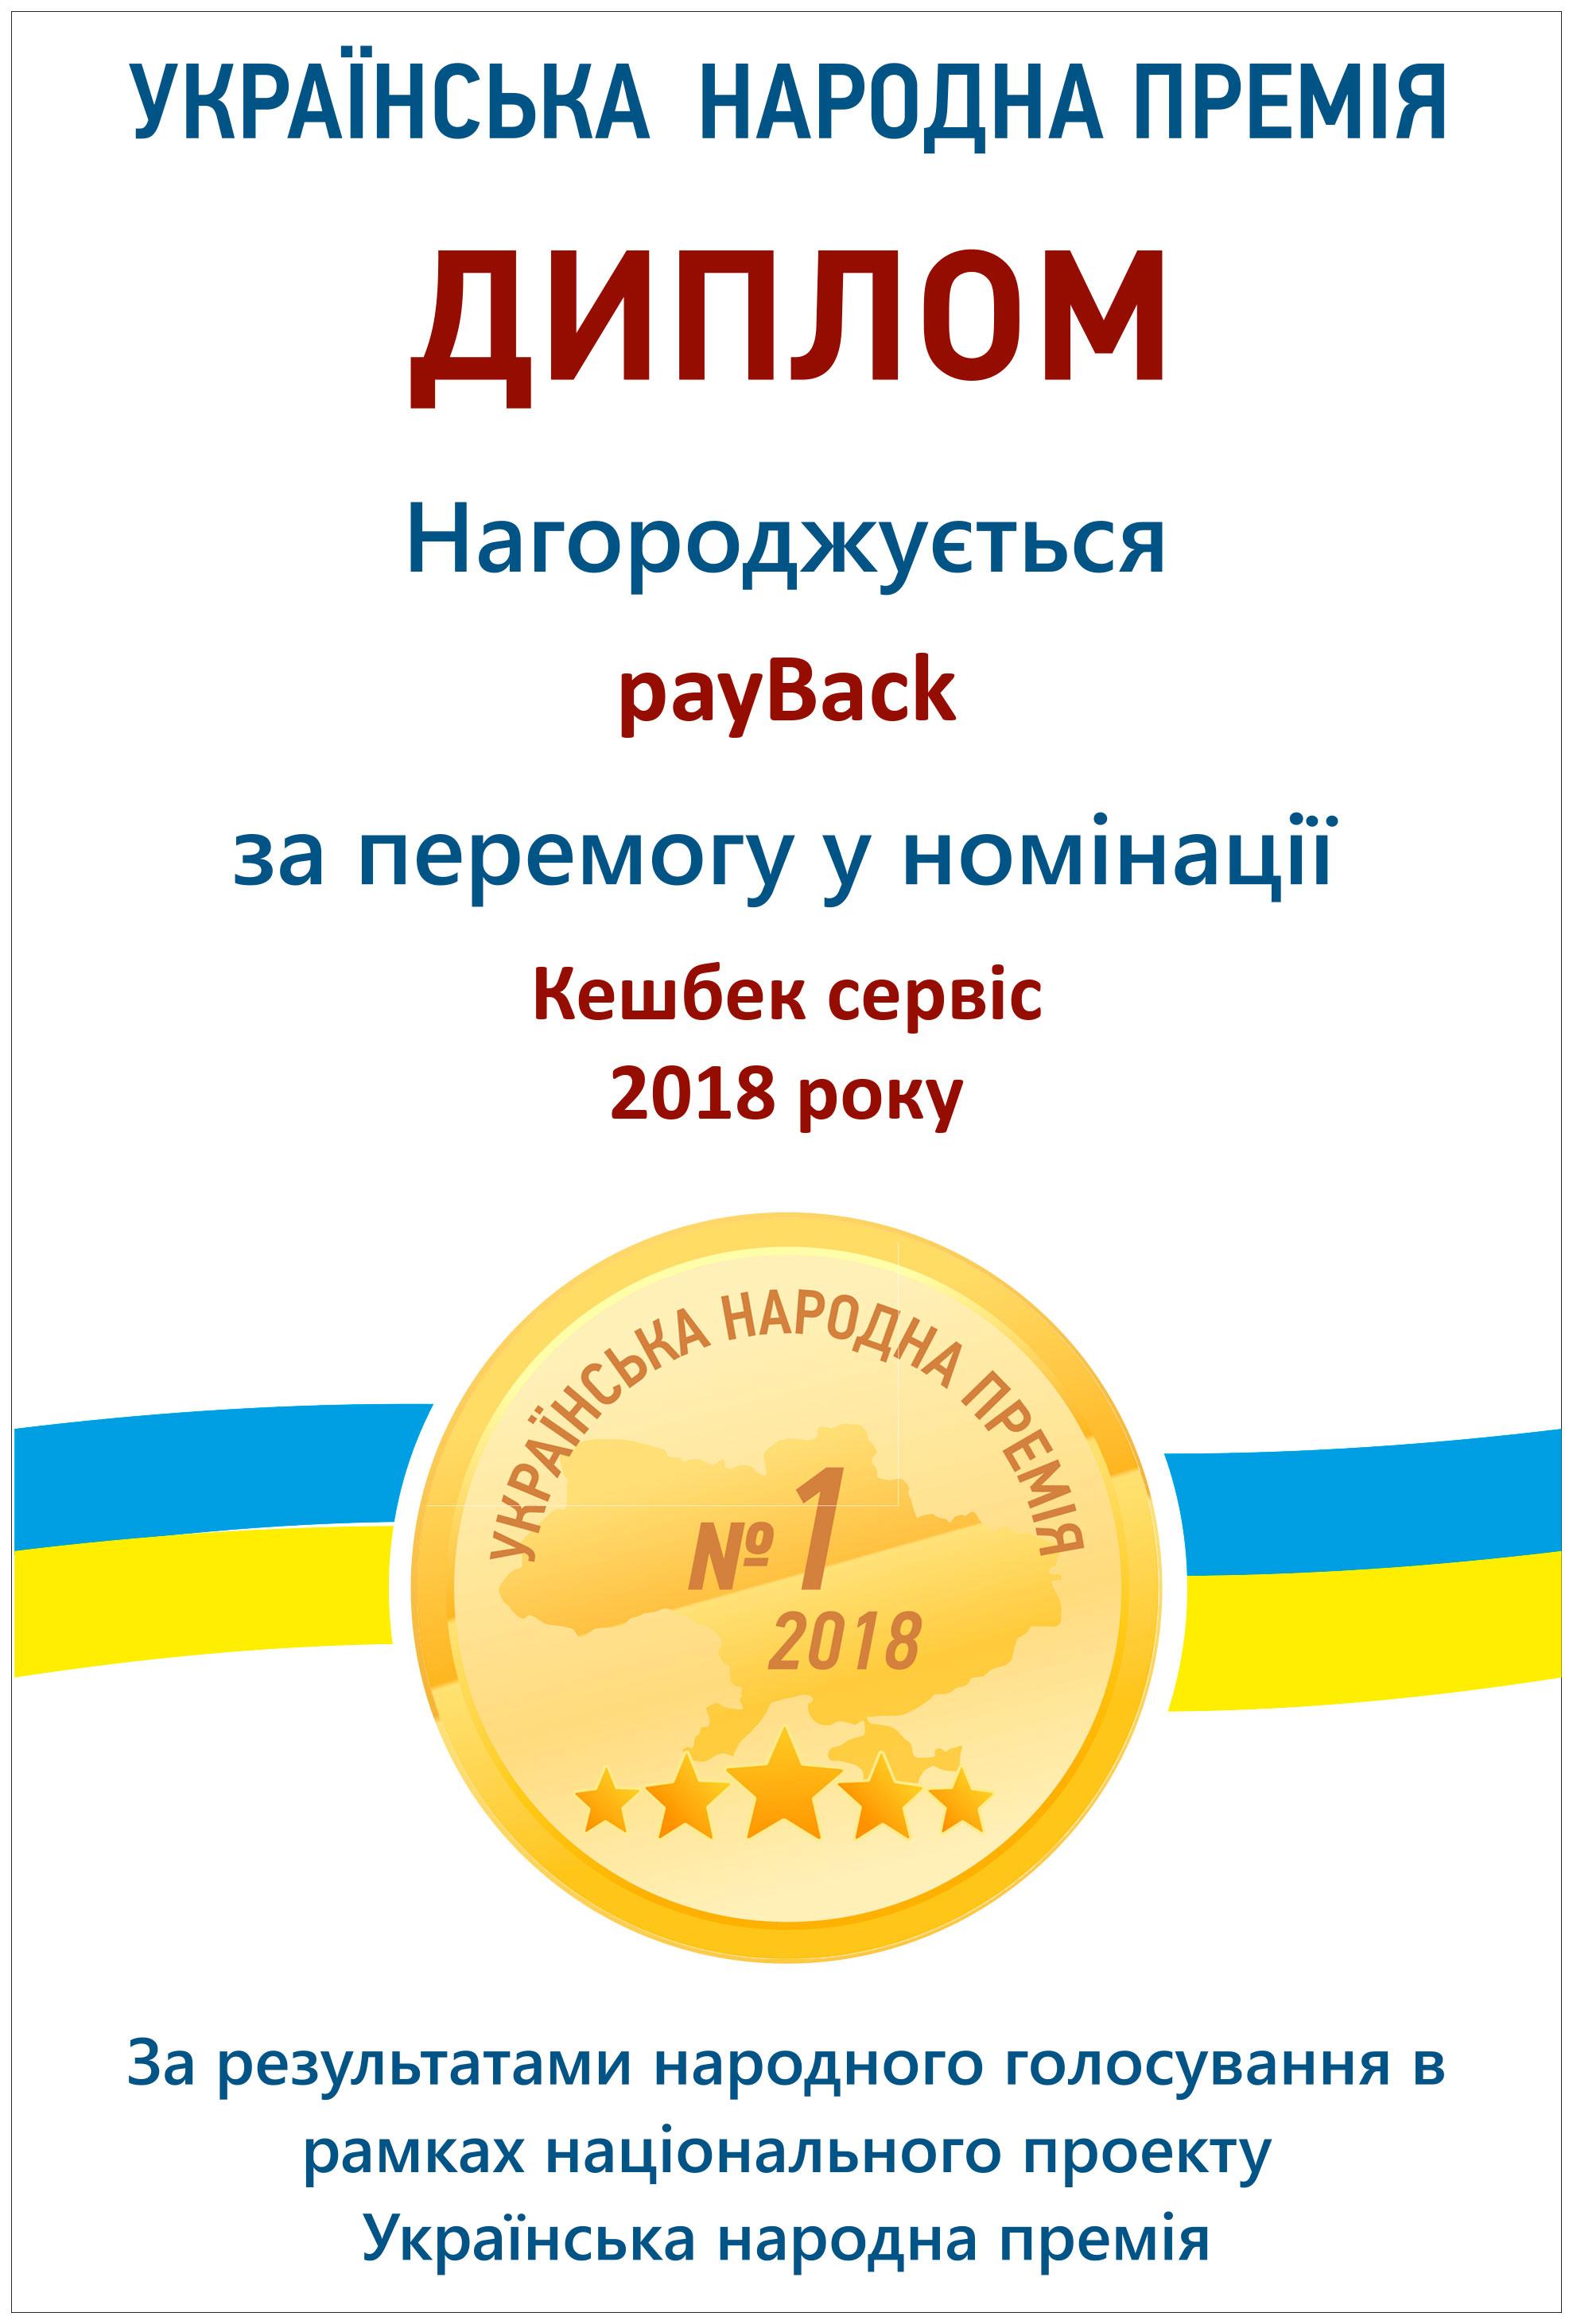 payBack - лучший кэшбэк-сервис 2018 года